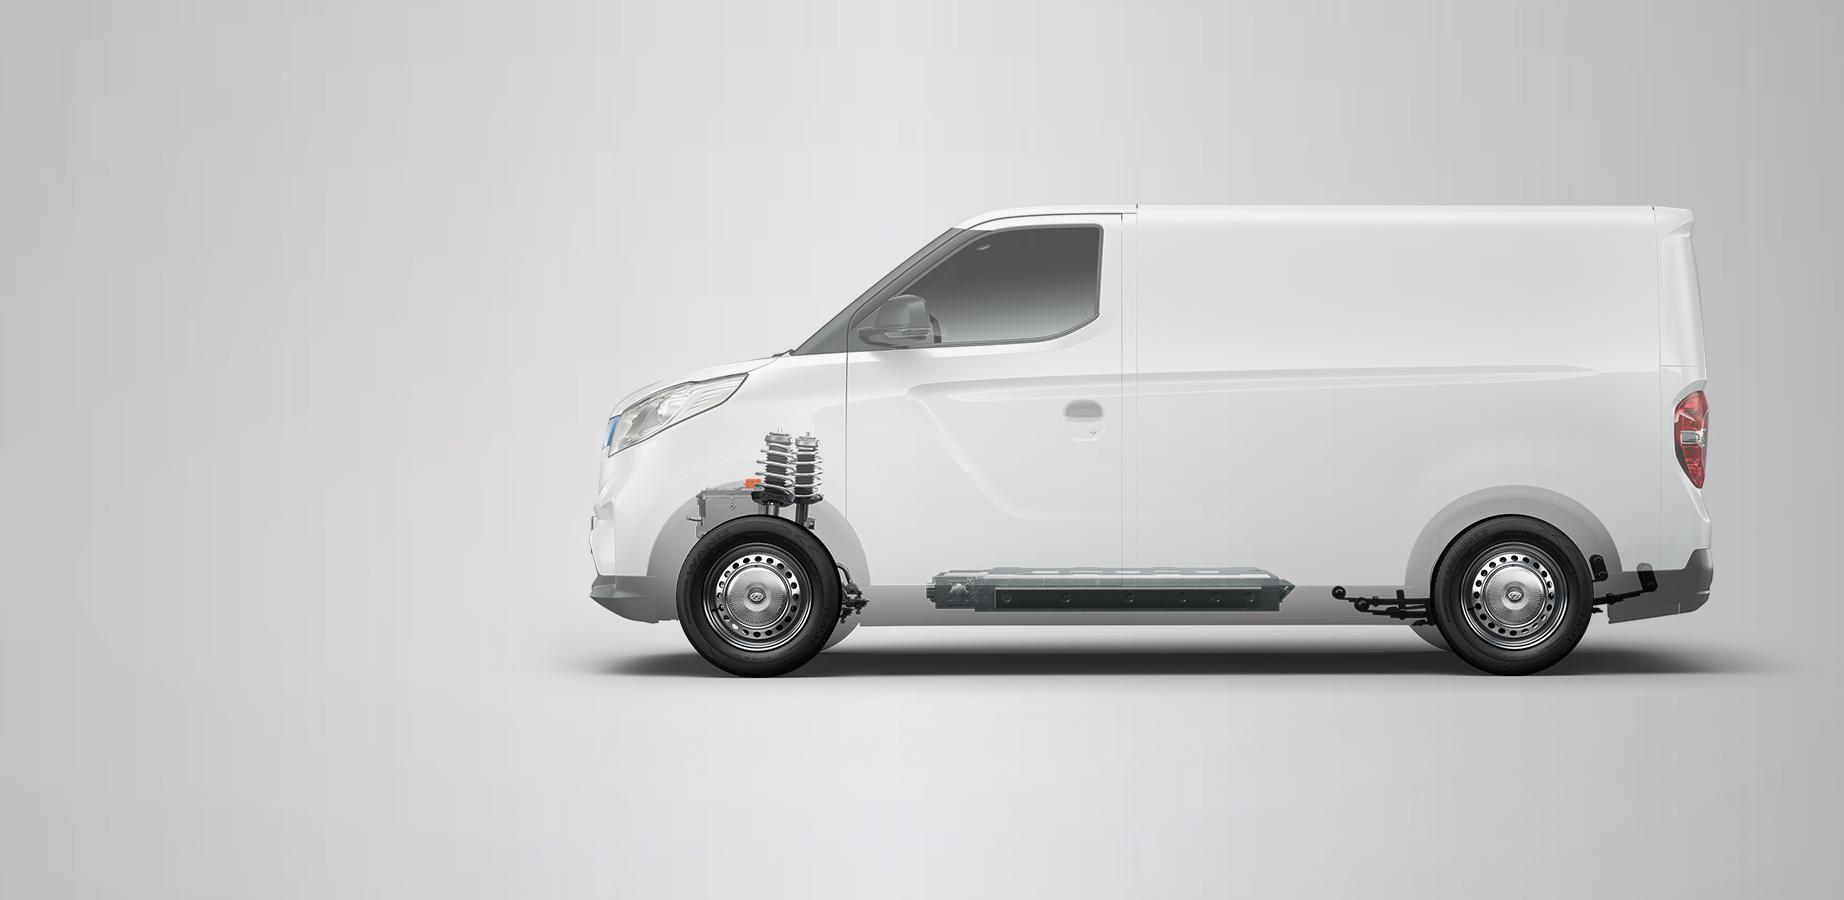 furgoneta eléctrica un poco más grande que la Nissan env200